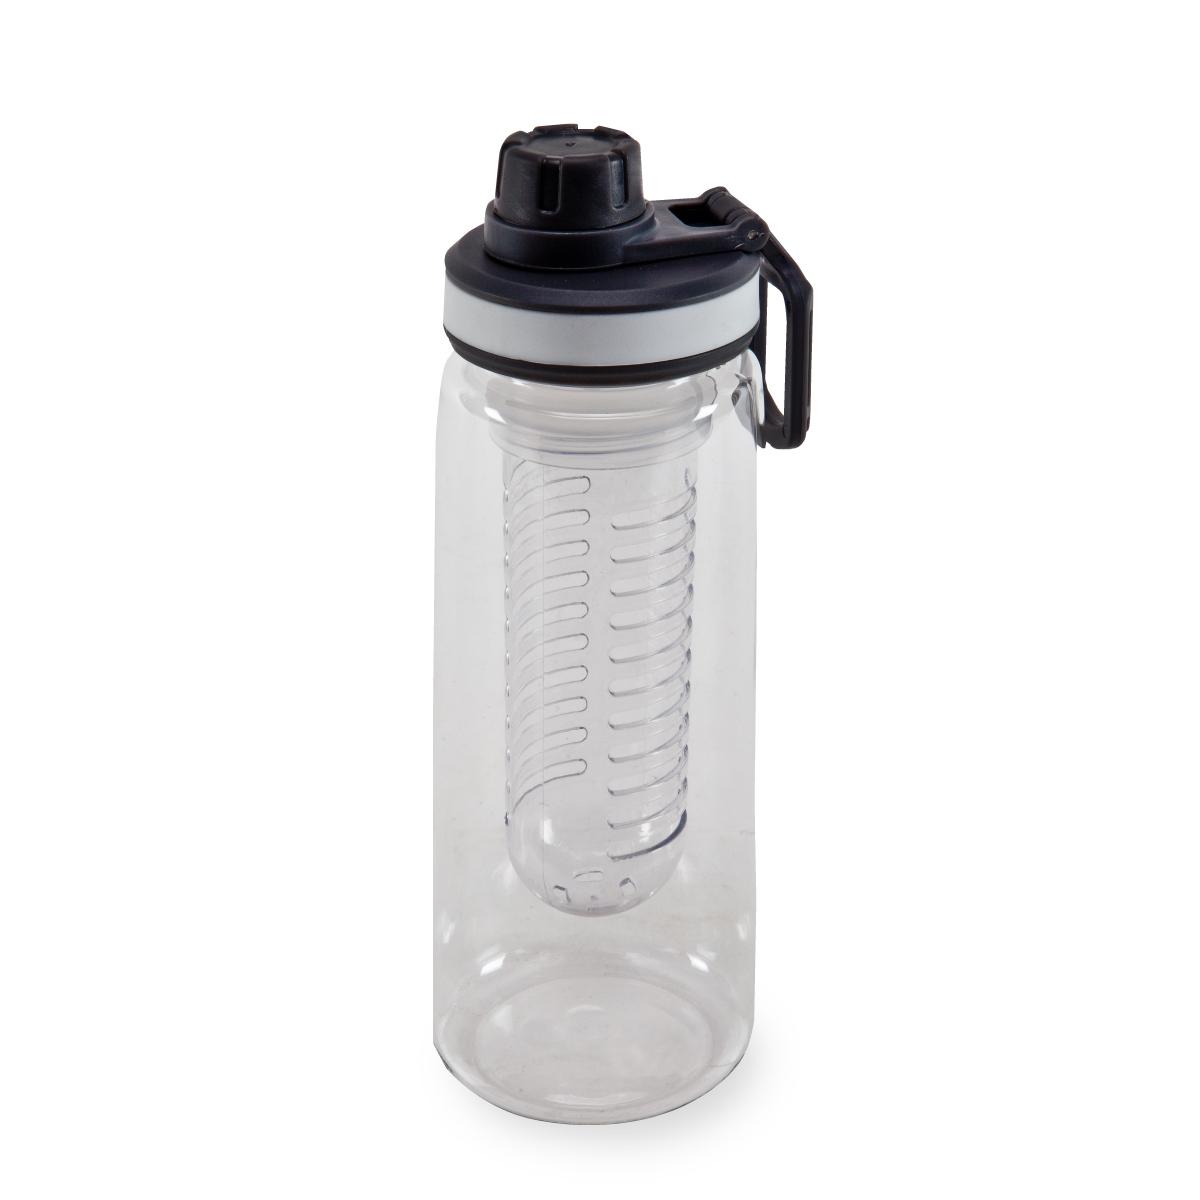 בקבוק ספורט עם מסננת לחליטה - הייז